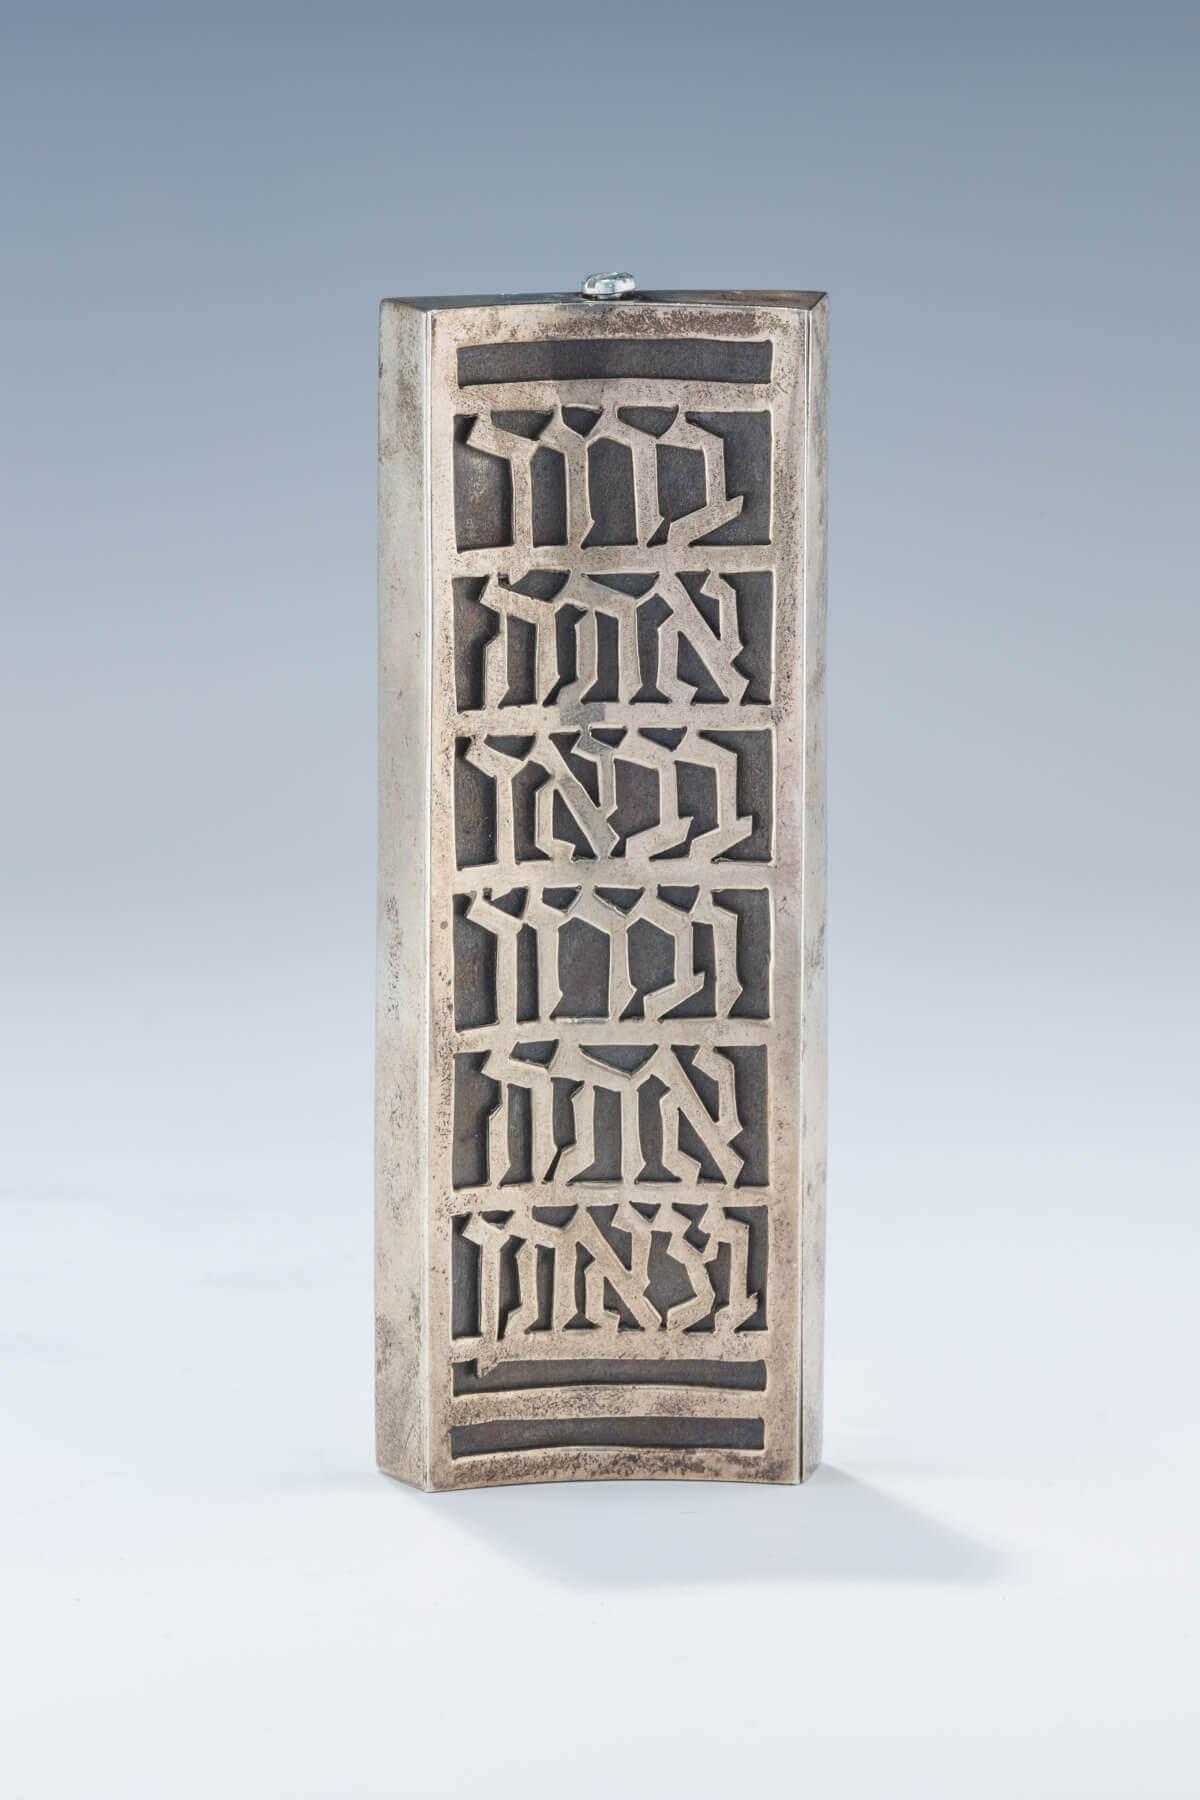 172. A STERLING SILVER MEZUZAH BY LUDWIG WOLPERT